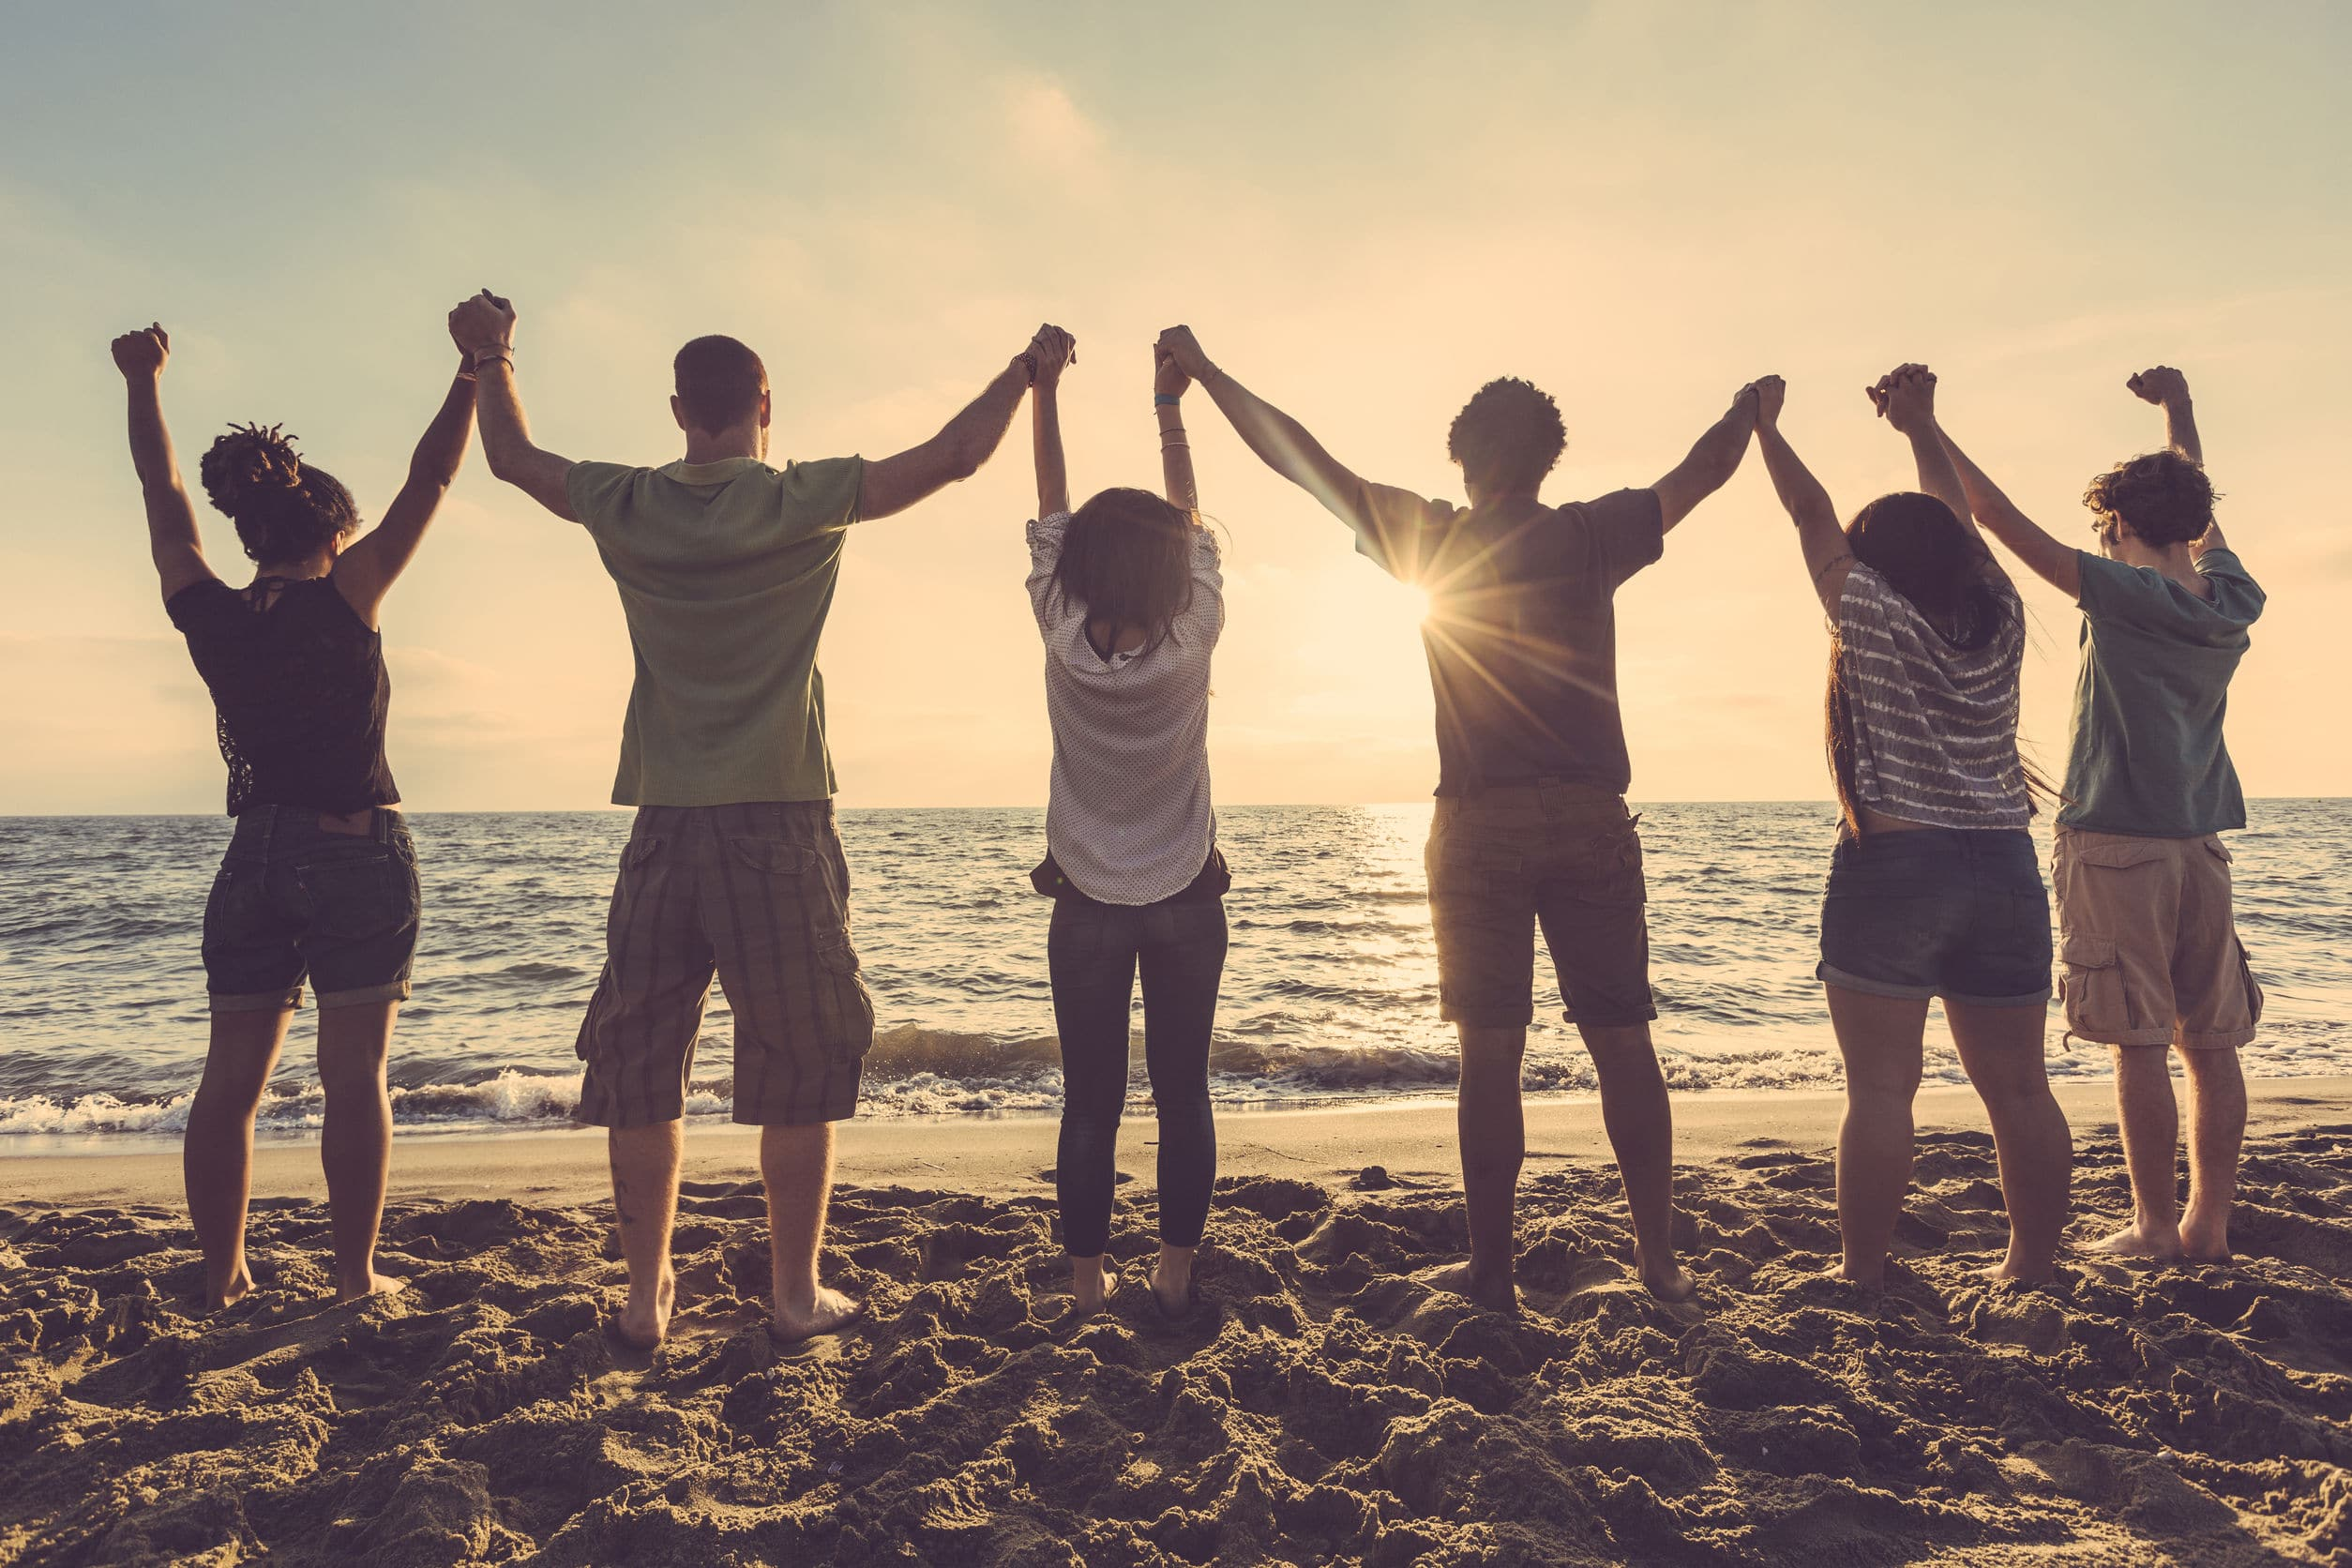 Seis pessoas na praia com as mãos dadas ao alto.